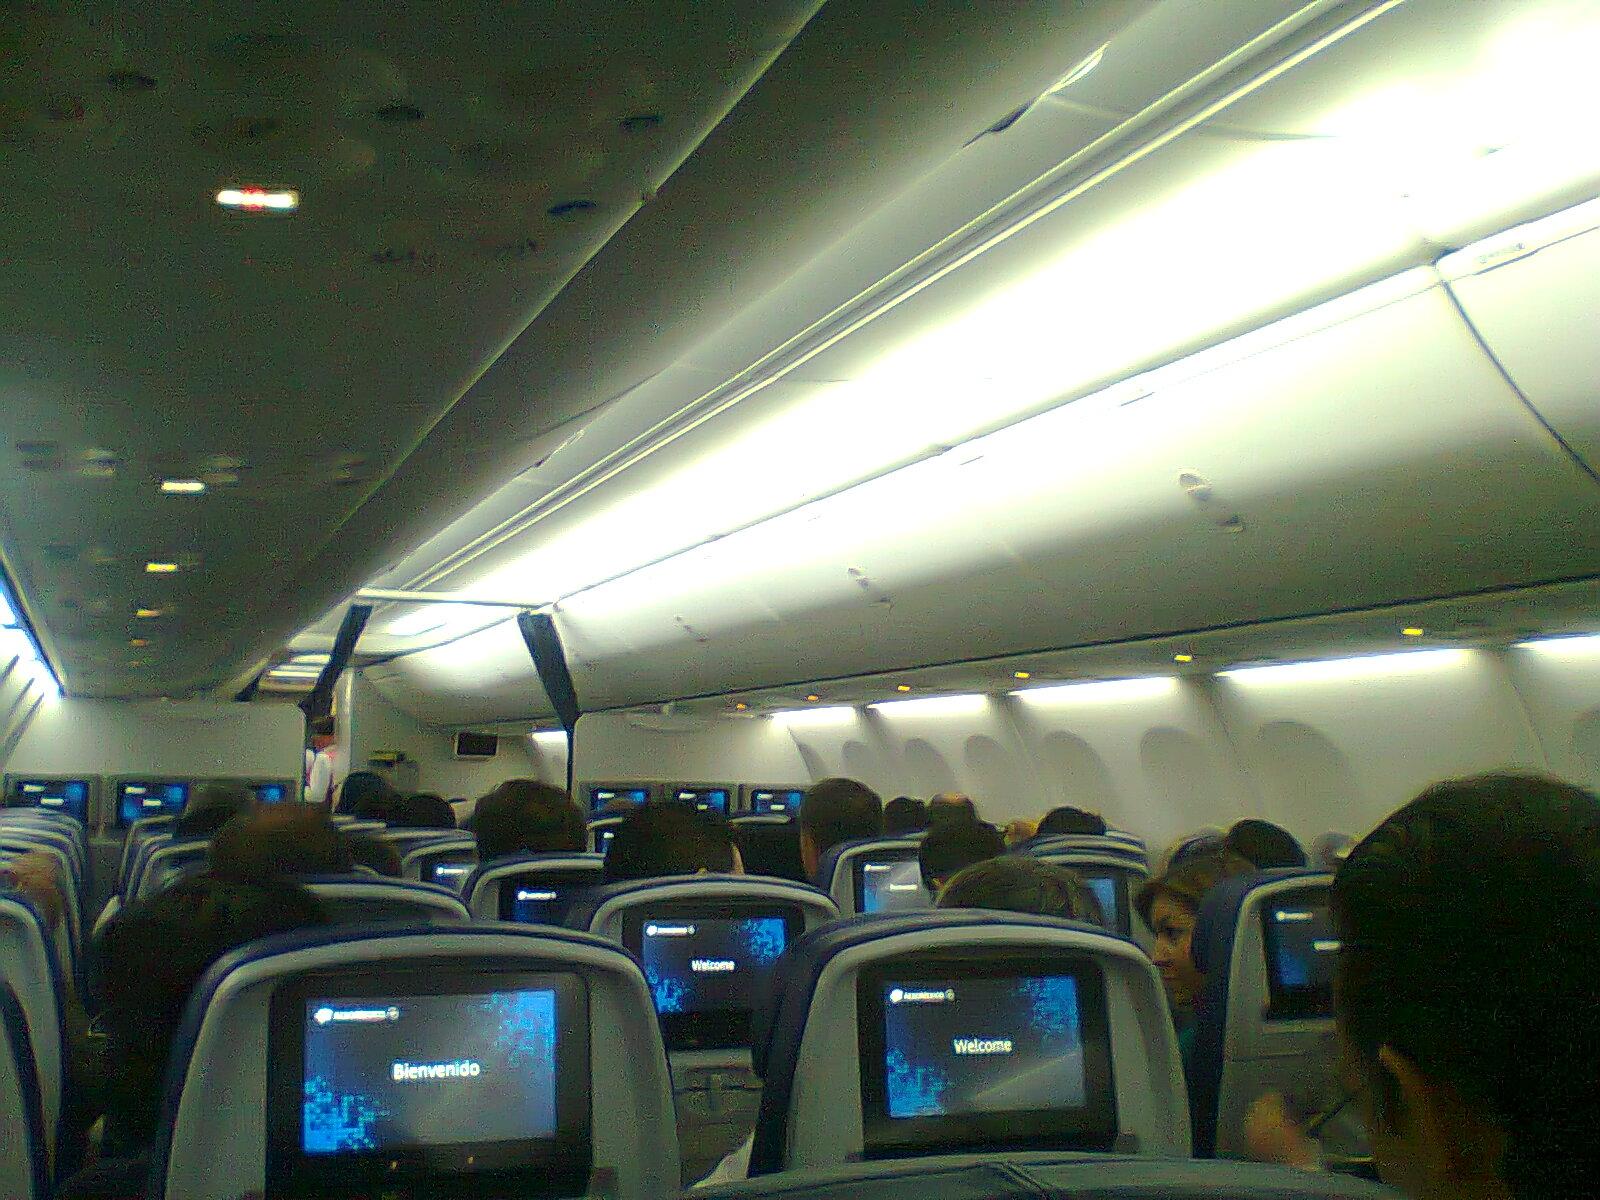 el boeing 737 800 de aerom xico con sky interior